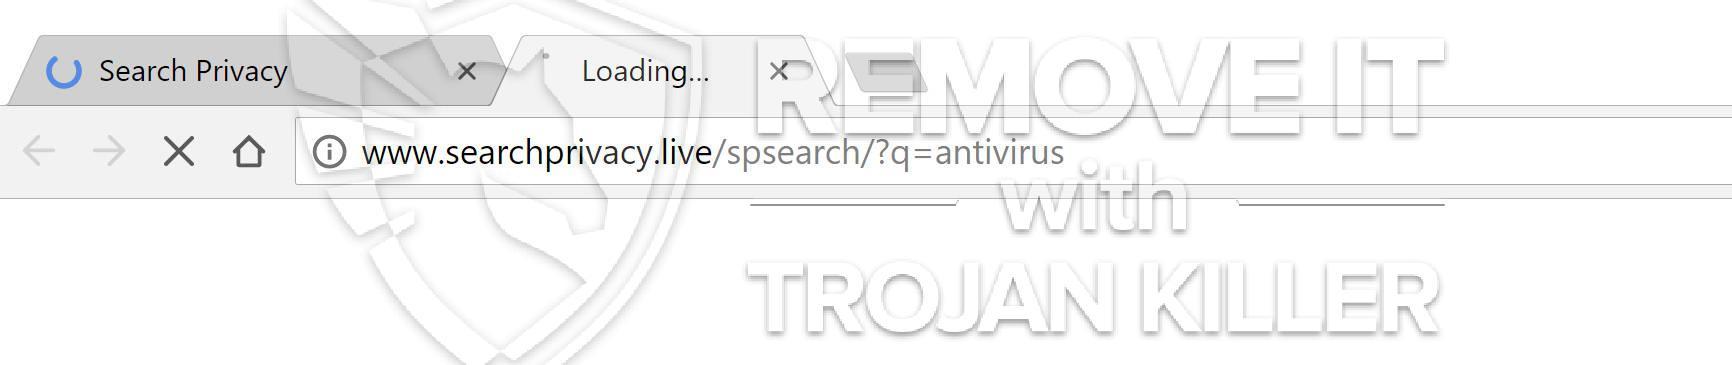 remove SearchPrivacy.live virus